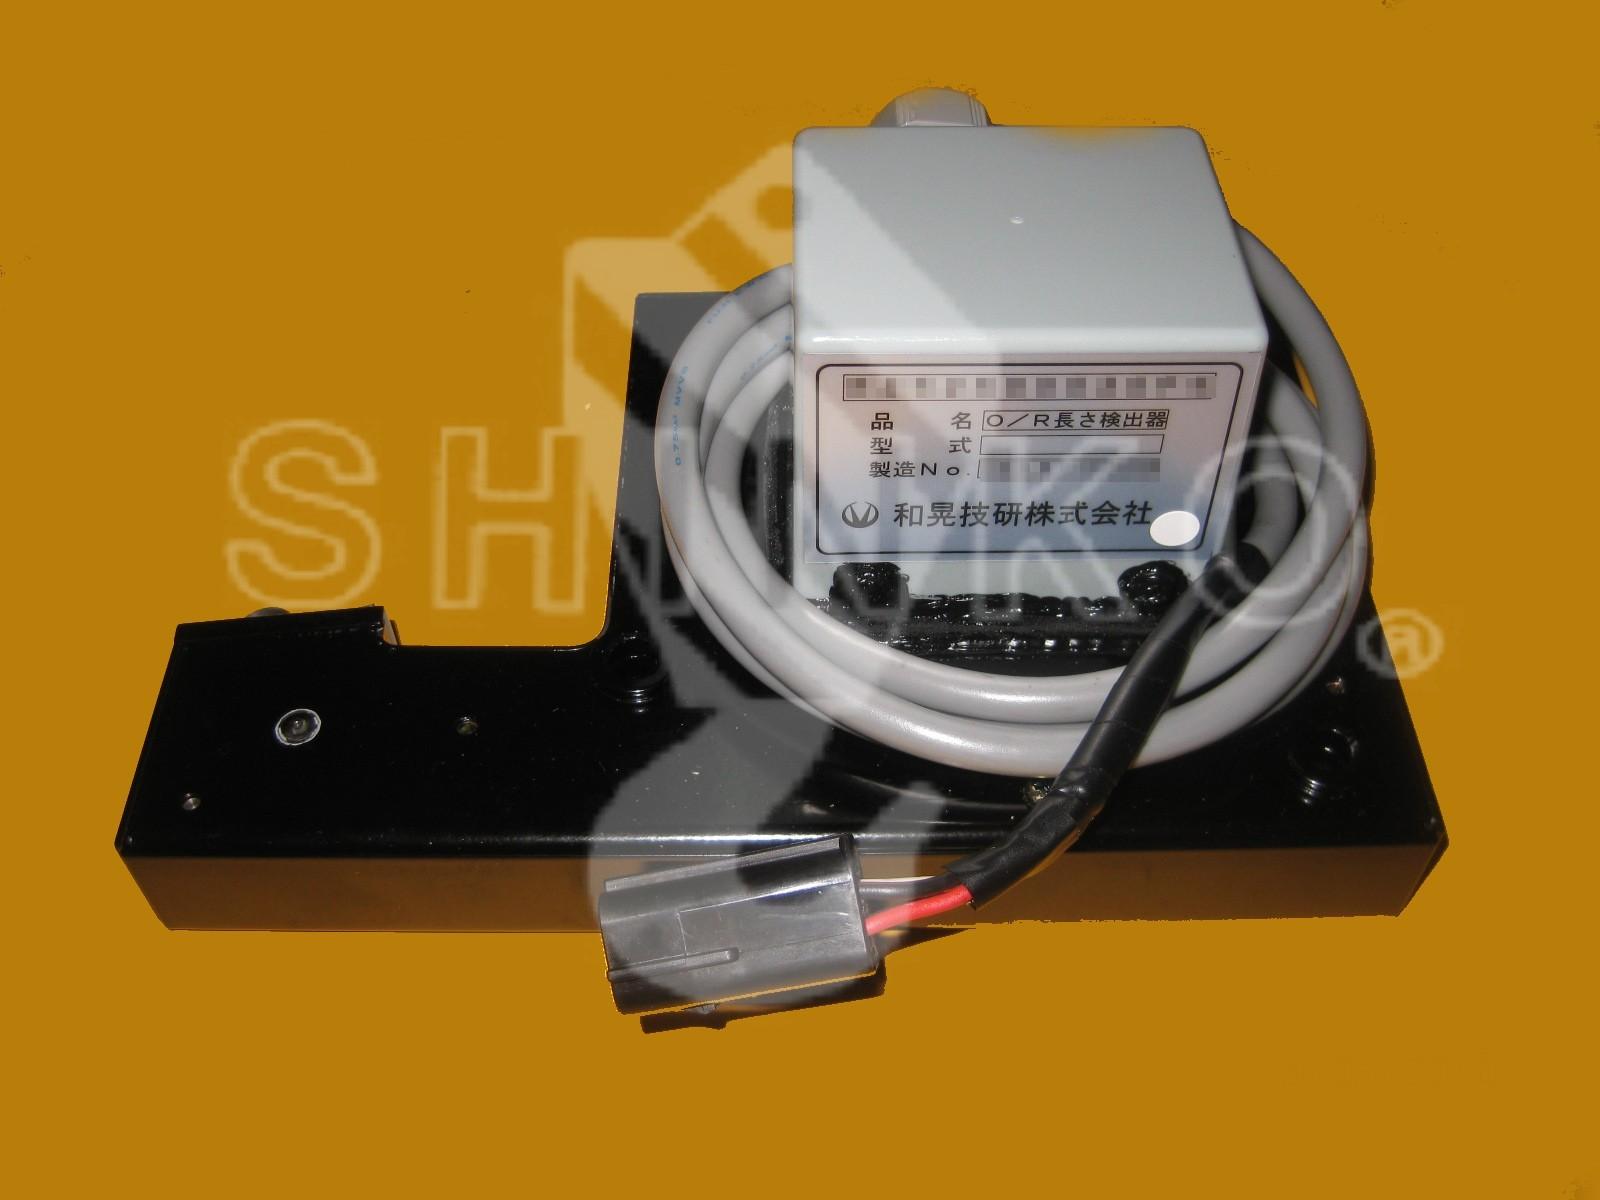 Outrigger Sensor